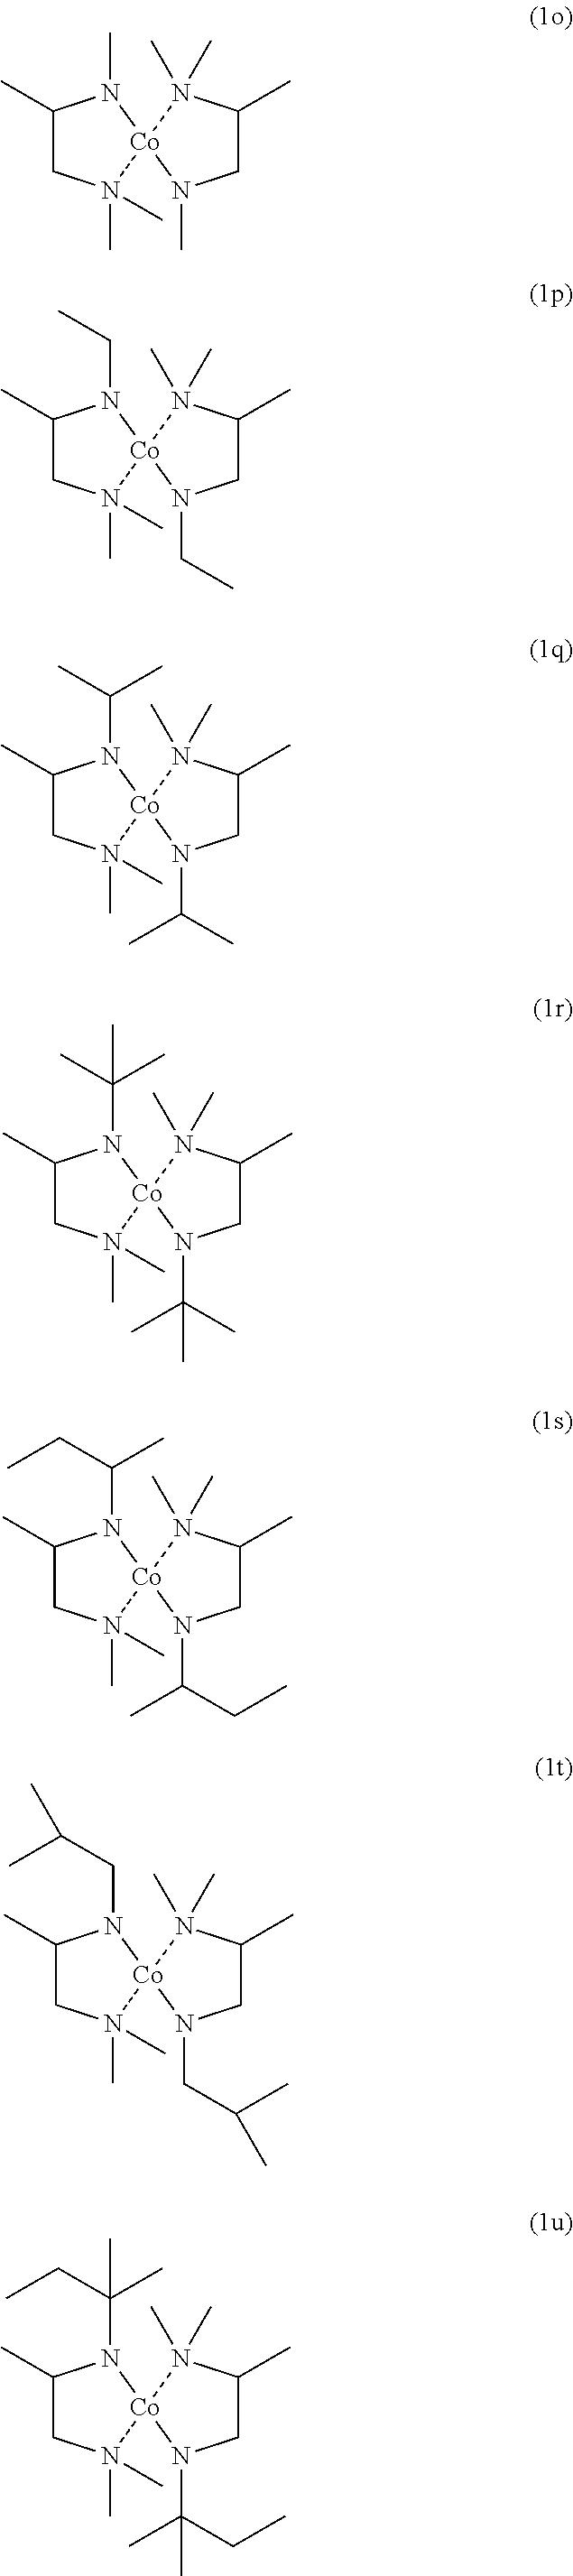 Figure US08871304-20141028-C00099